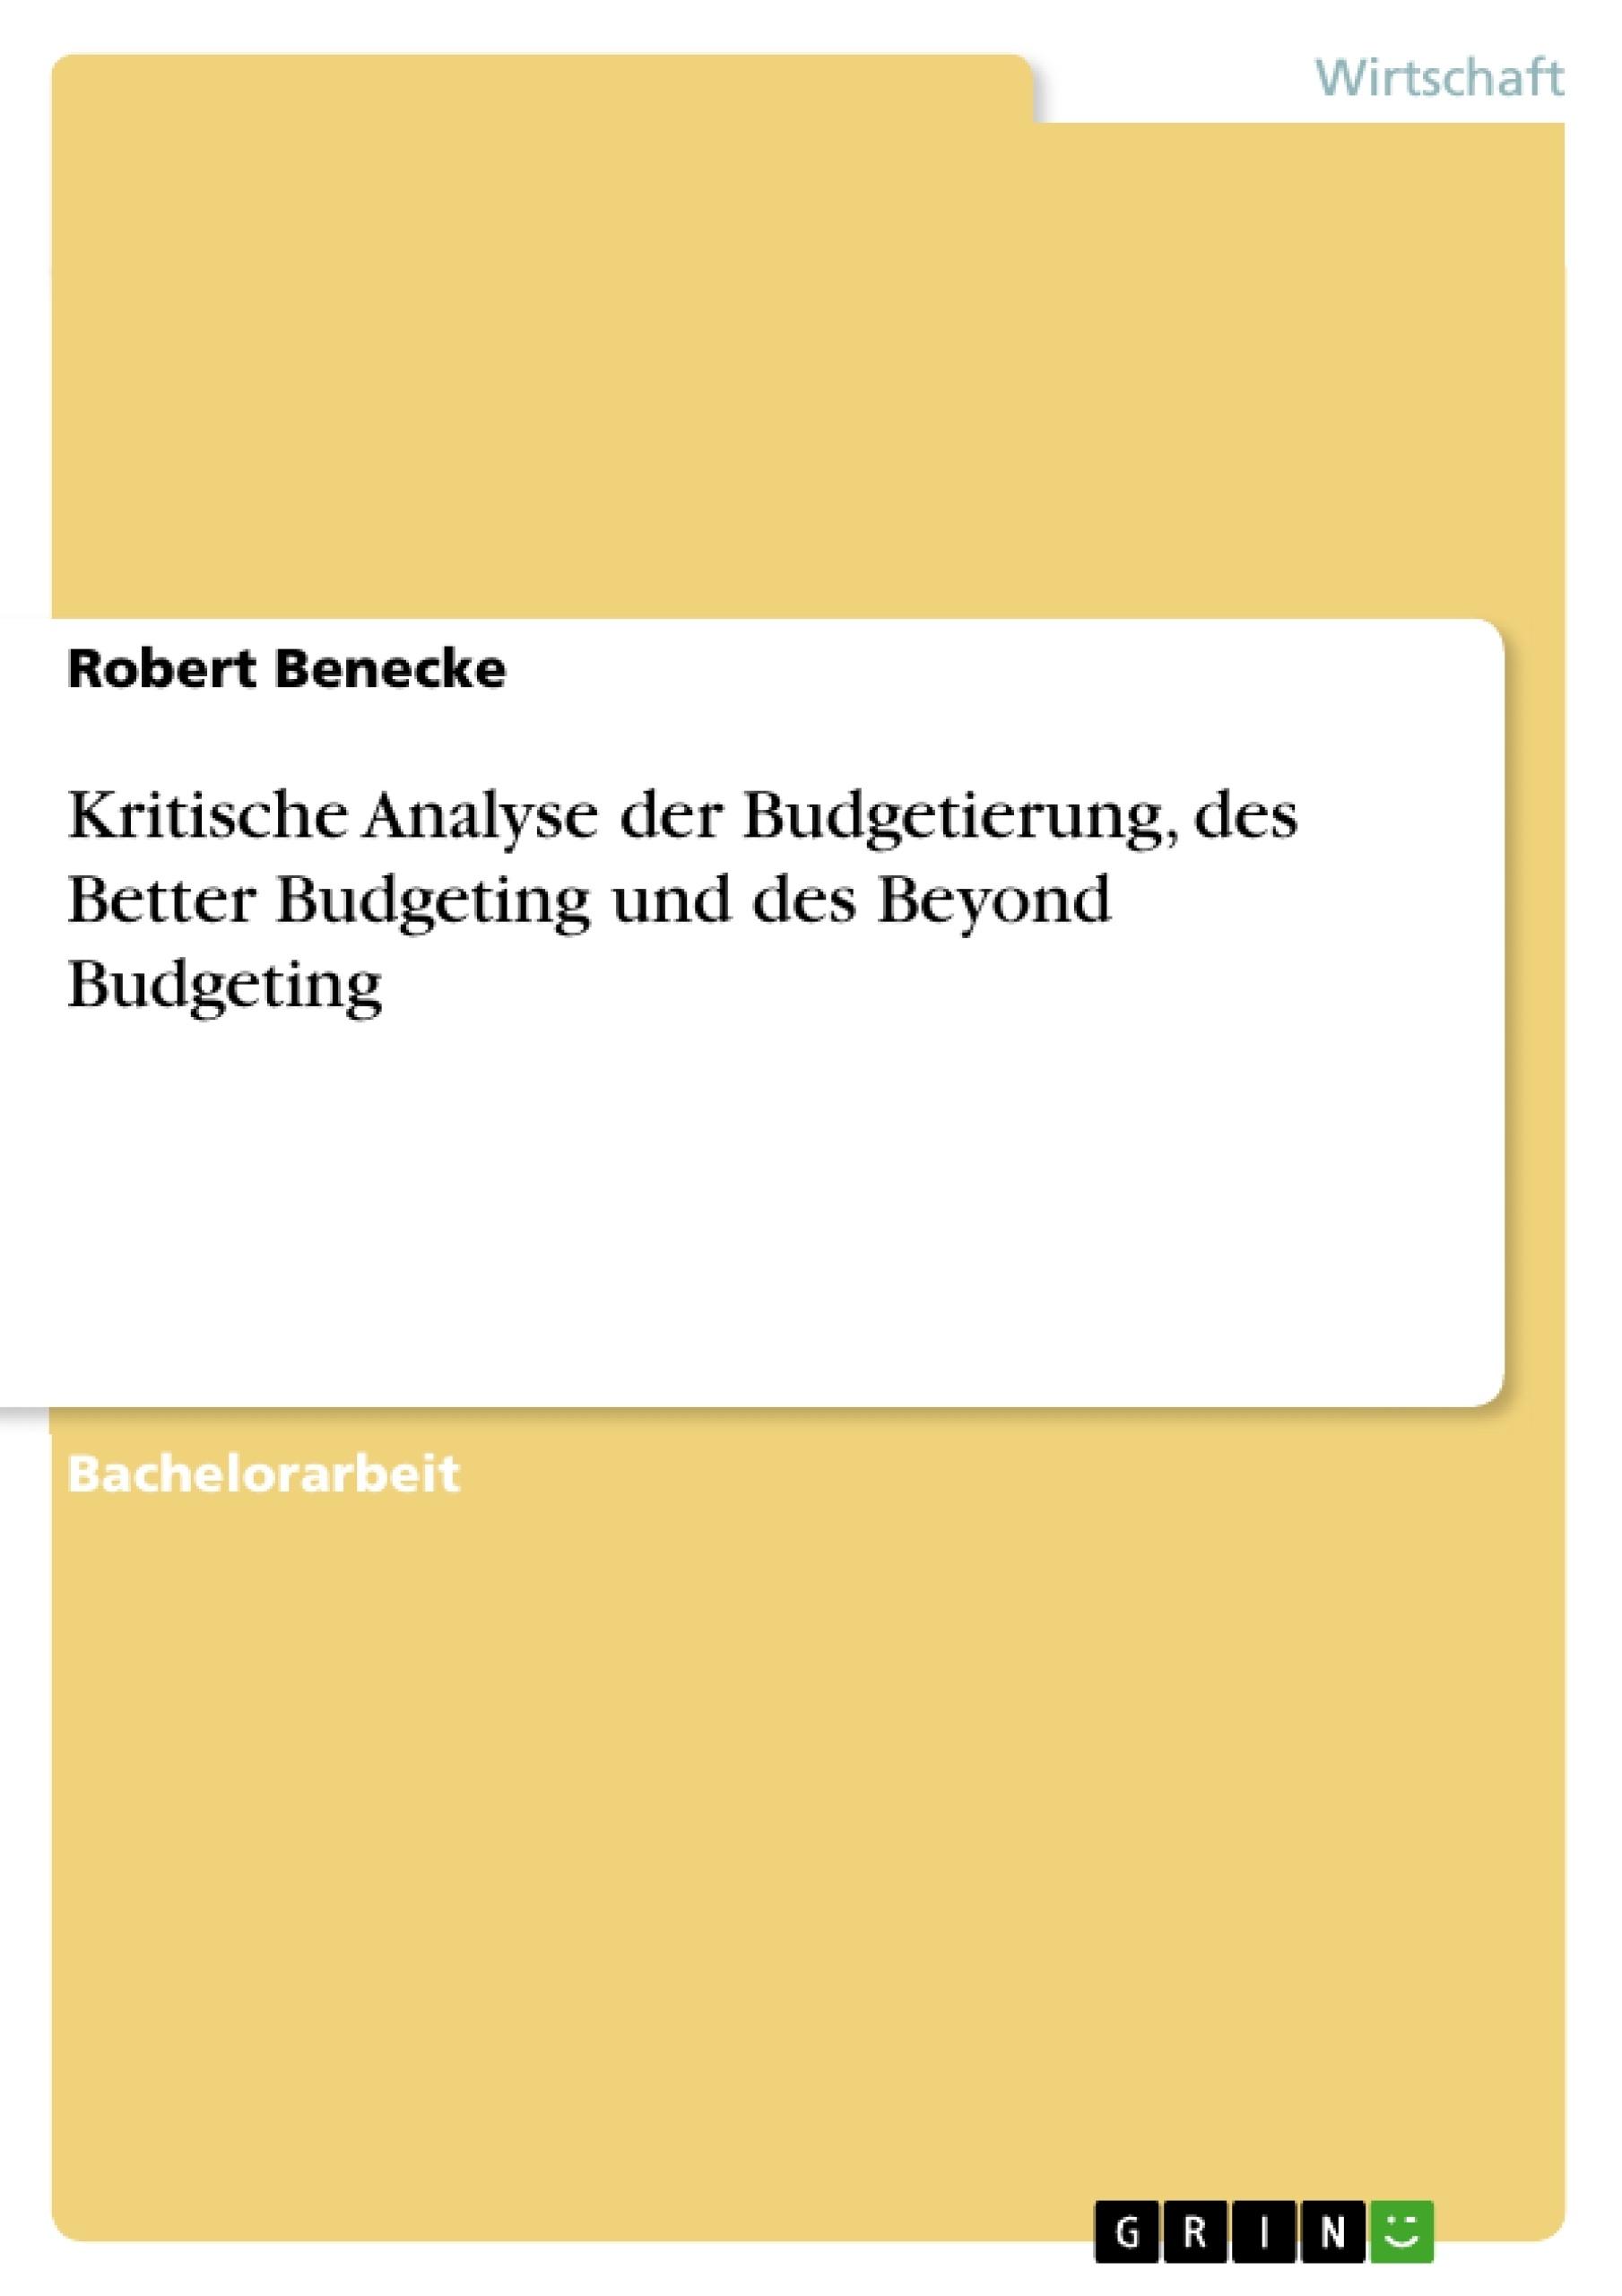 Titel: Kritische Analyse der Budgetierung, des Better Budgeting und des Beyond Budgeting